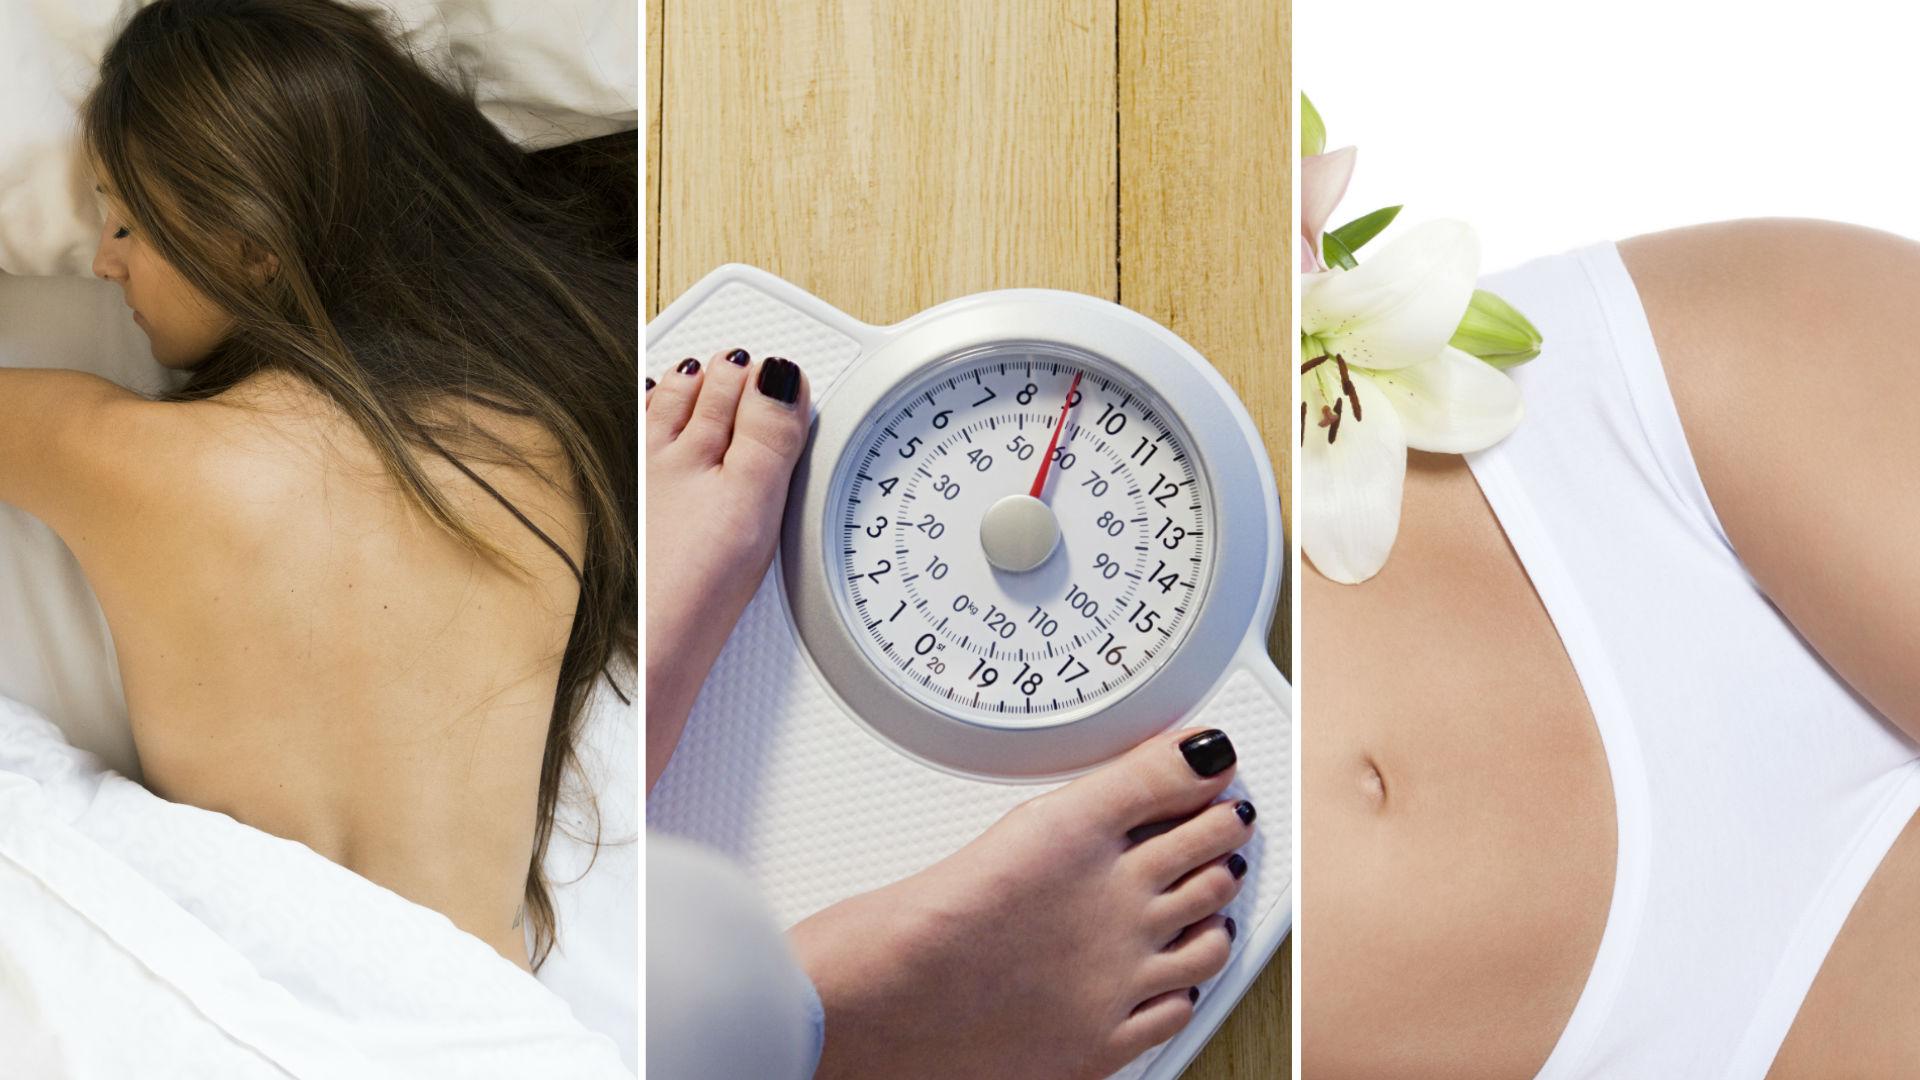 538a17d3b3 5 beneficios de dormir desnuda según la ciencia